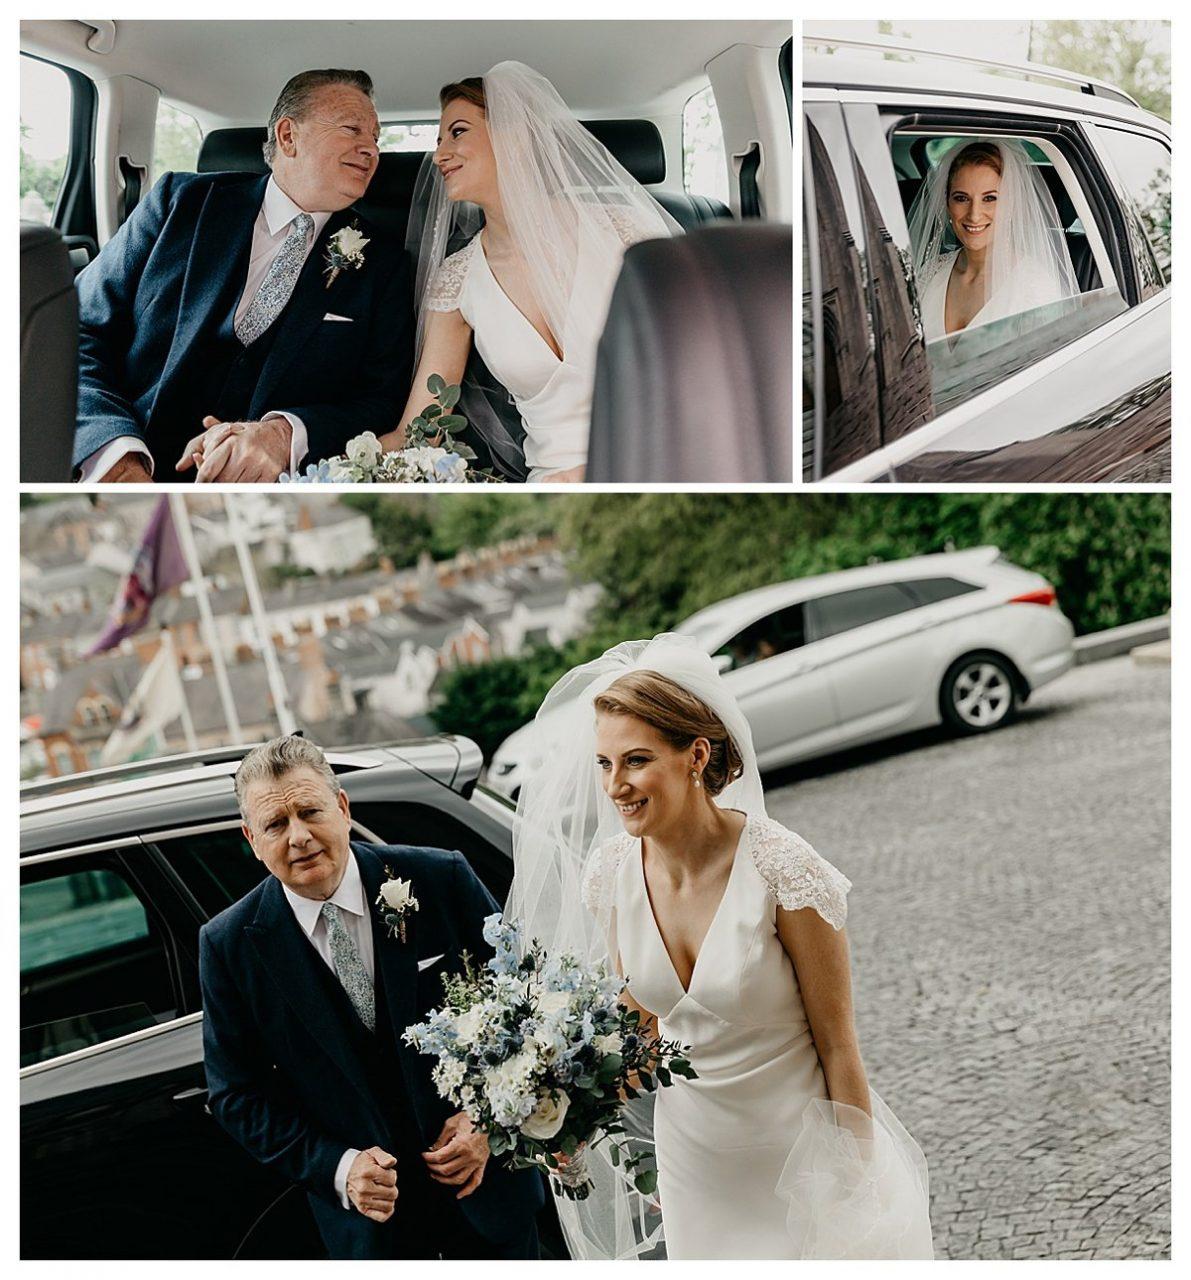 larchfield estate wedding photographer northern ireland 0025